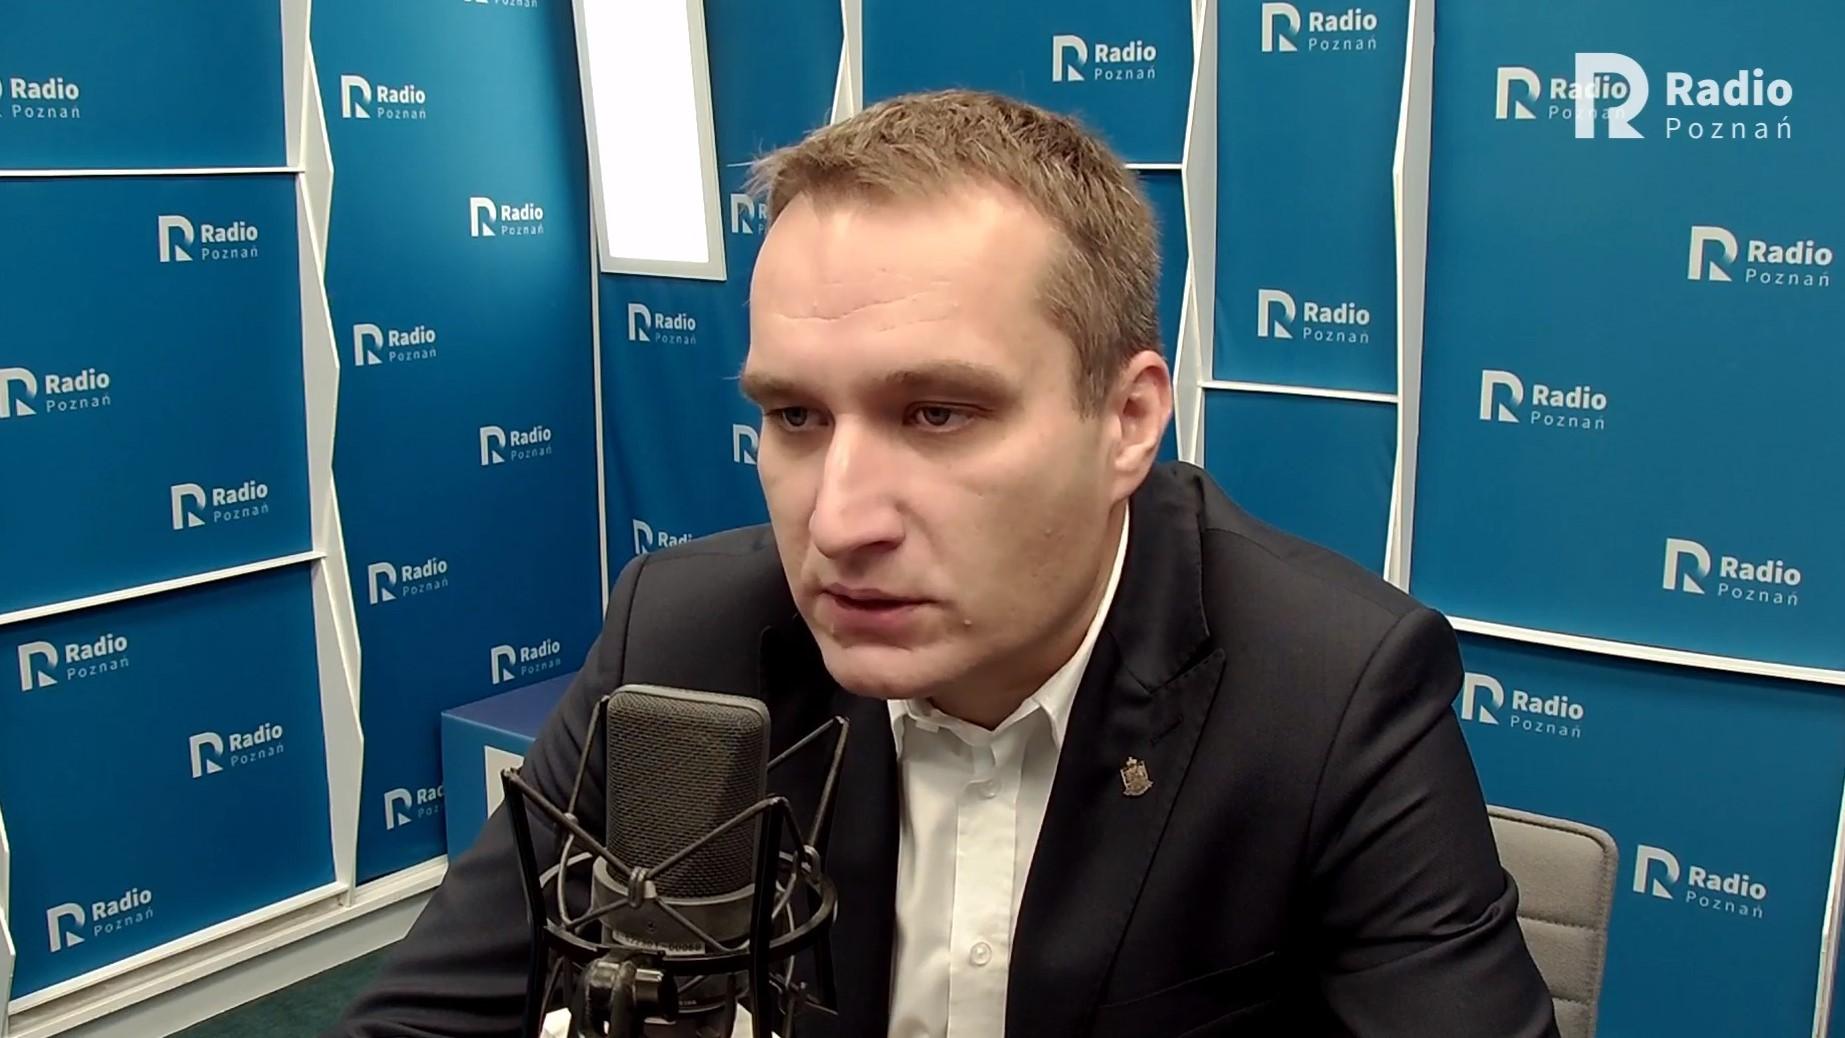 Mariusz Wiśniewski Kluczowy temat 7 listopada  - Wojtek Wardejn